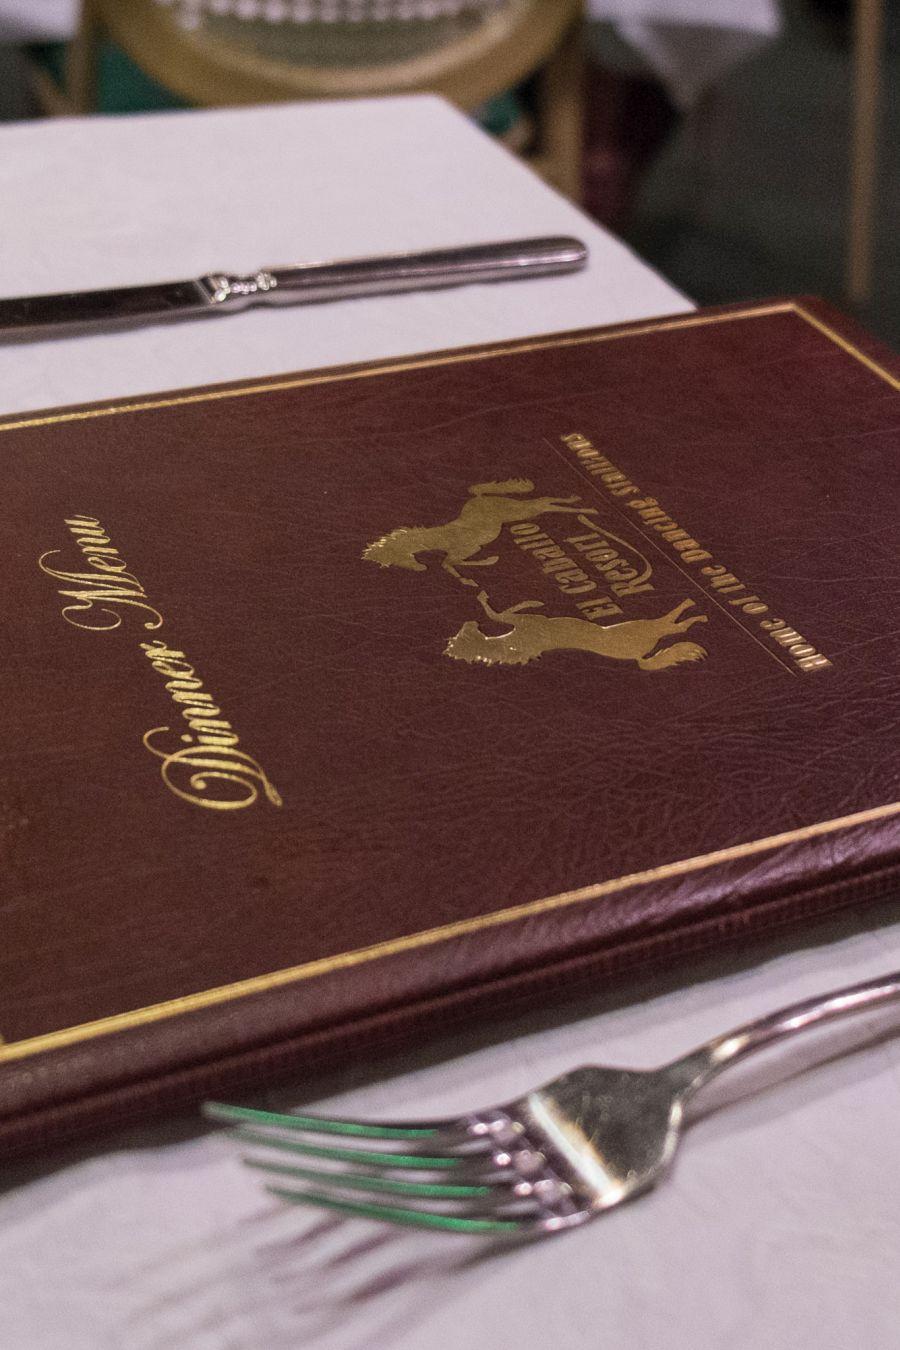 El Caballo restaurant dinner menu